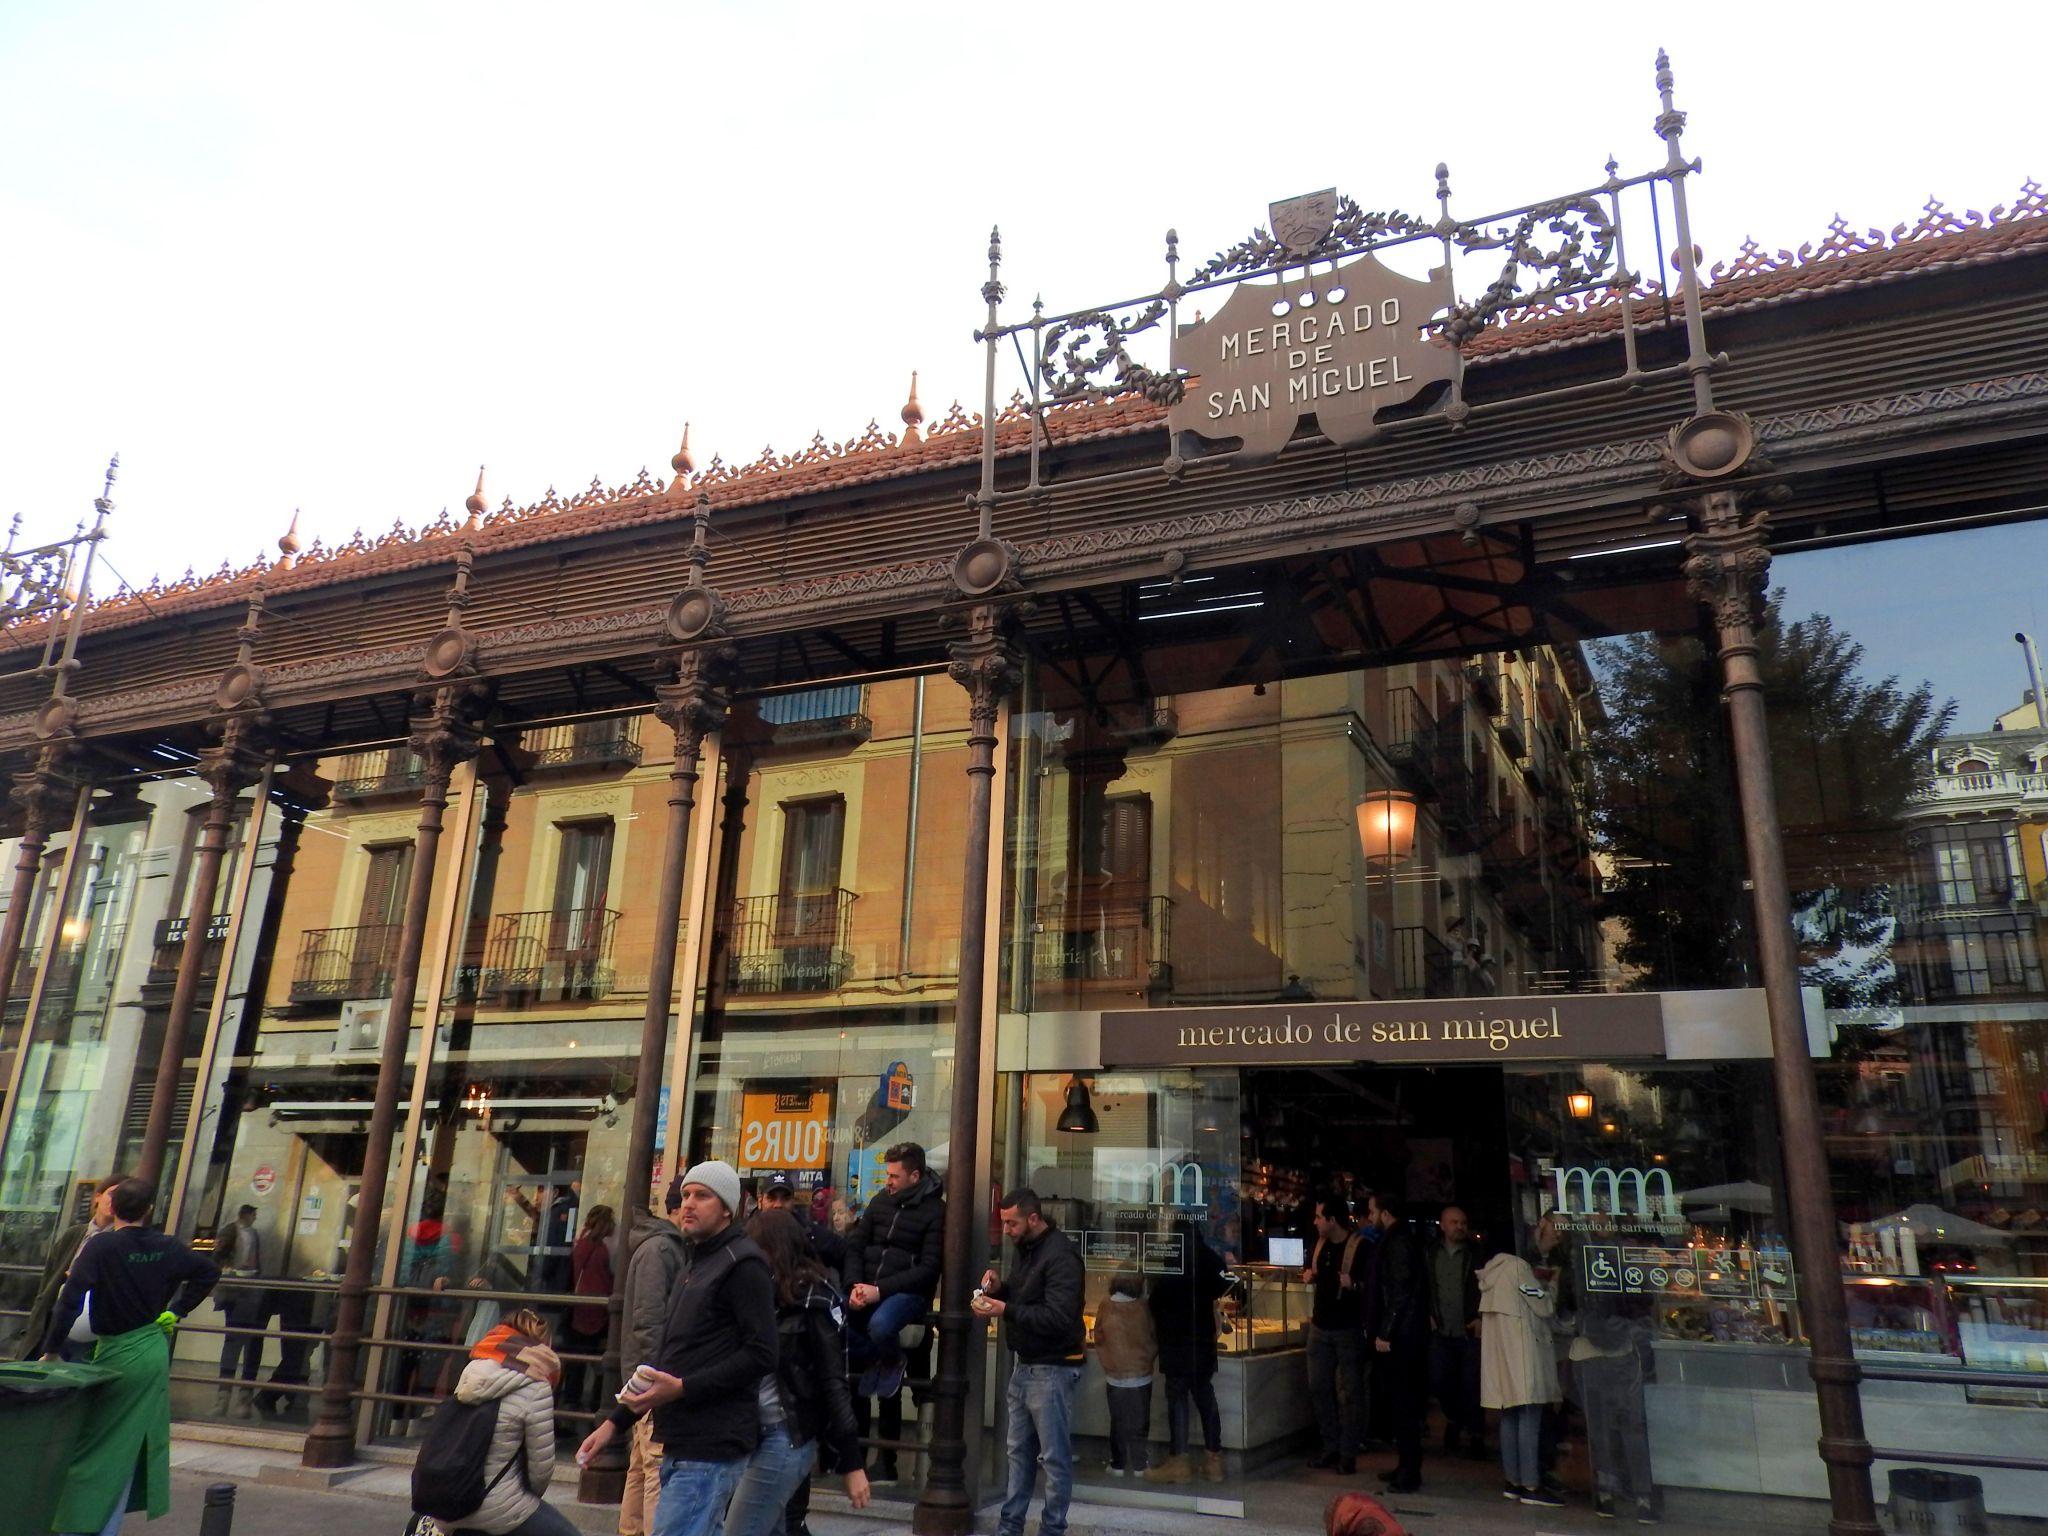 Mercado de San Miguel, Spain